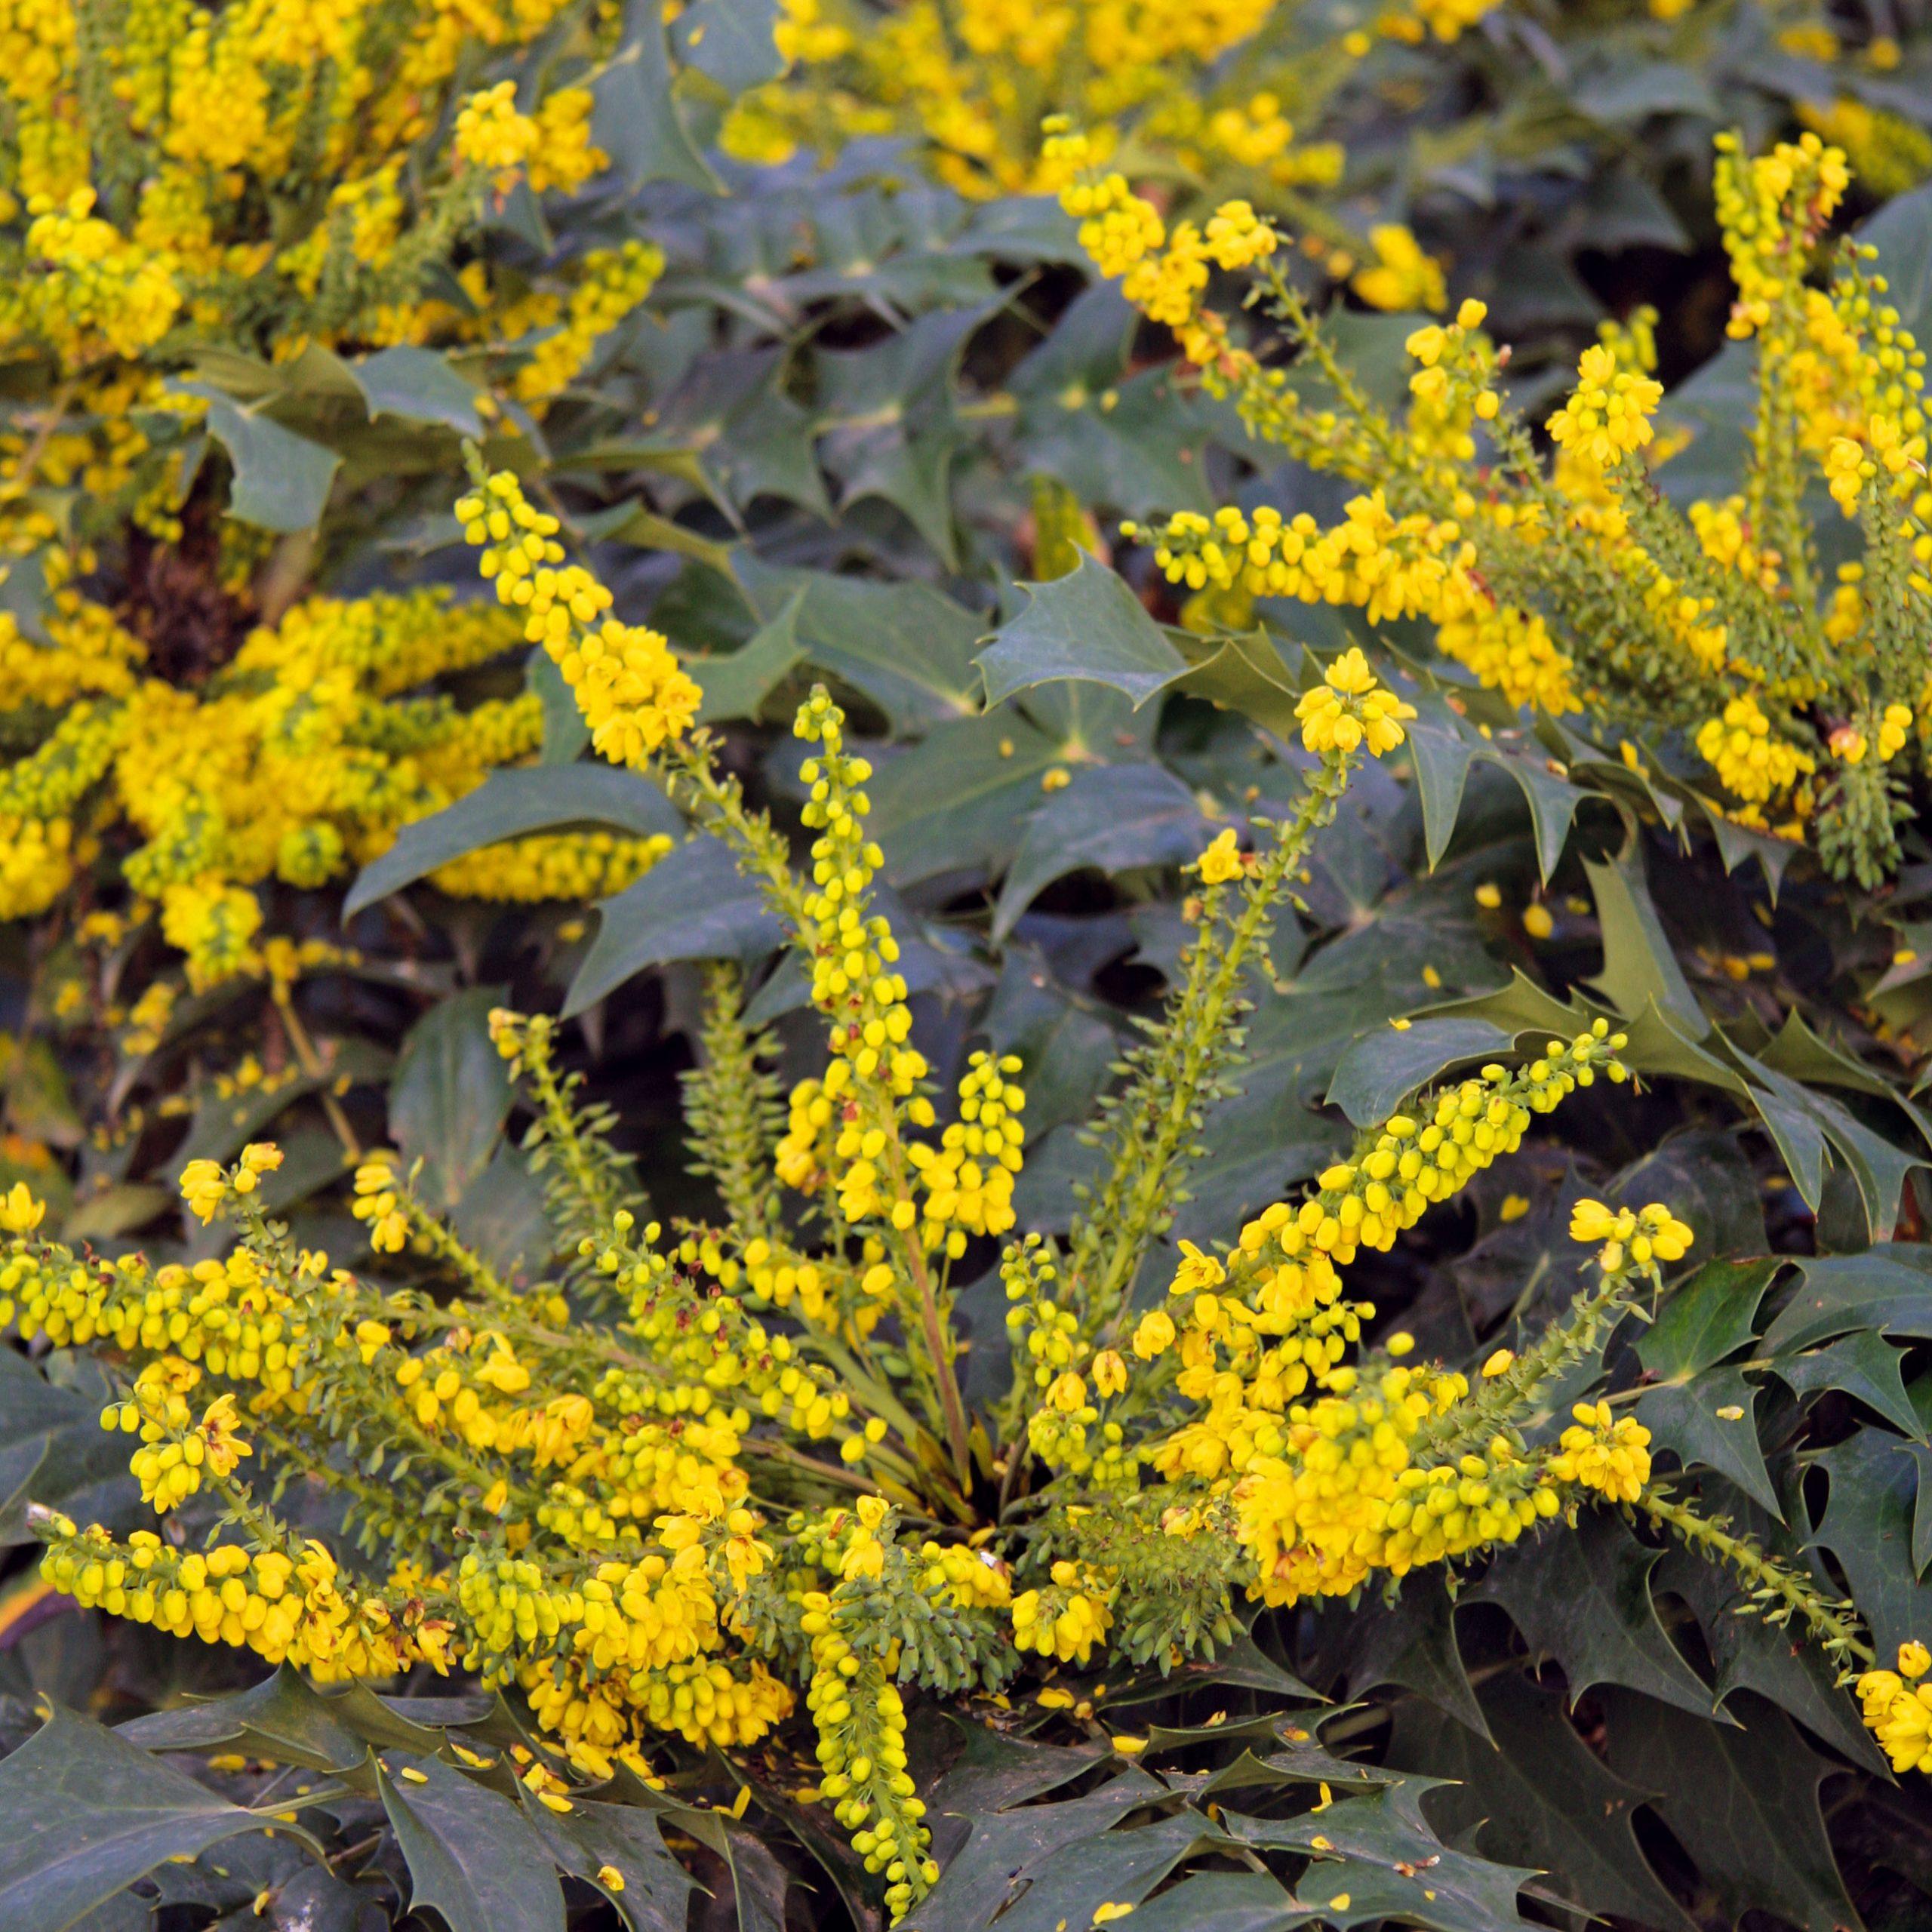 Kvety chladu  Začiatkom roka už rozkvitá niekoľko krásnych drevín, ktoré môžu byť zaujímavým šperkom každej záhrady. Môže to byť jazmín nahokvetý (Jasminum nudifolorum) splazivými zelenkastými konármi ažltými kvetmi, hamamel (Hamamelis x intermedia), ktorého hlavným bonusom sú žlto alebo oranžovo sfarbené okvetné lístky. Voňavé kvety počas zimy ponúka ružovo kvitnúca kalina (Viburnum fragrans), mahónia (Mahonia x media 'Winter Sun') či menej známy zimovec (Chimonanthus praecox) – veľký štíhly aopadavý ker svoskovitými kvetmi so stredmi spurpurovým nádychom.